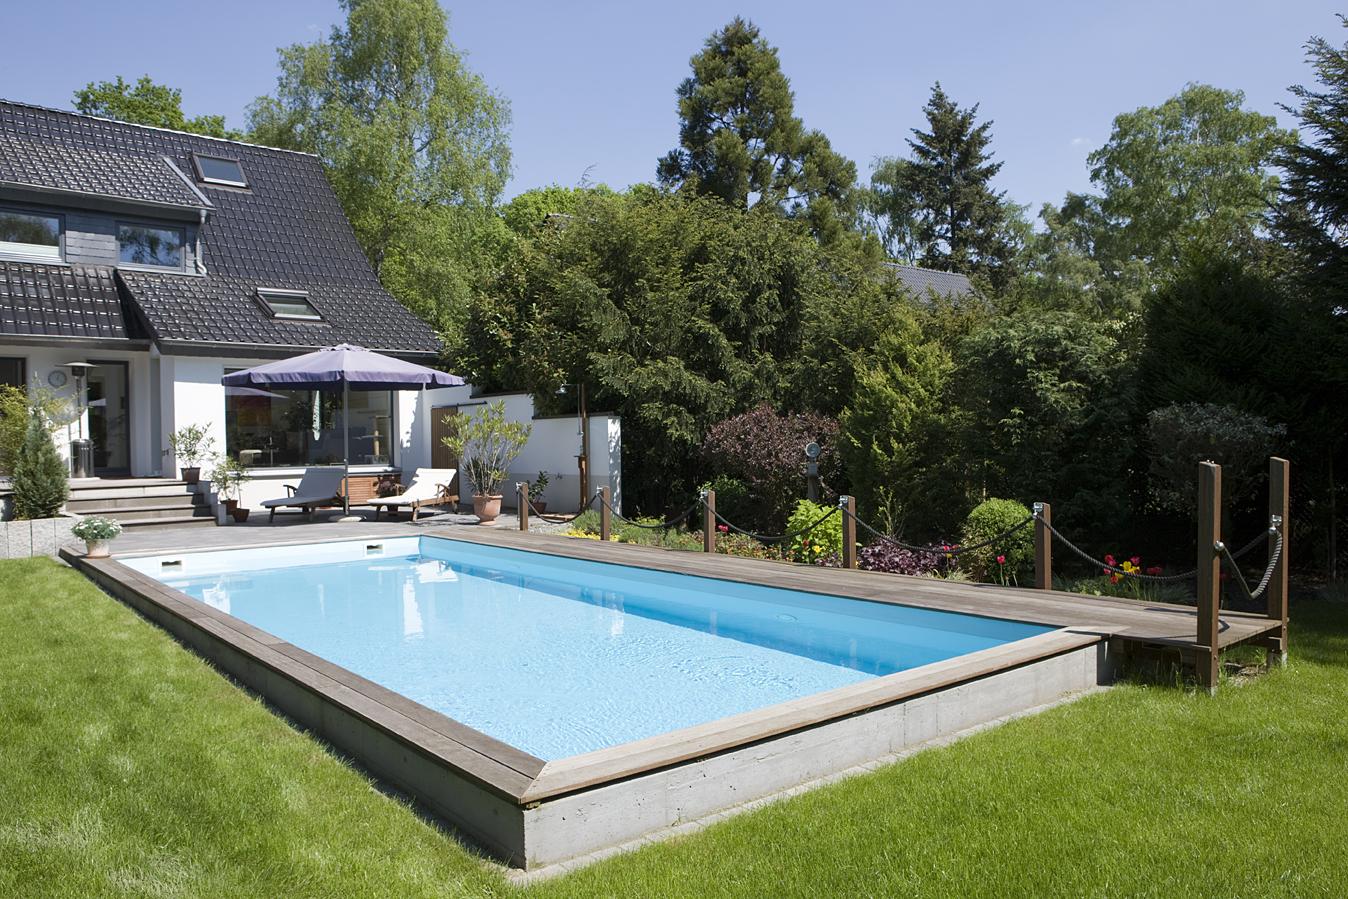 Pool im Garten eines Hauses in Mühlheim